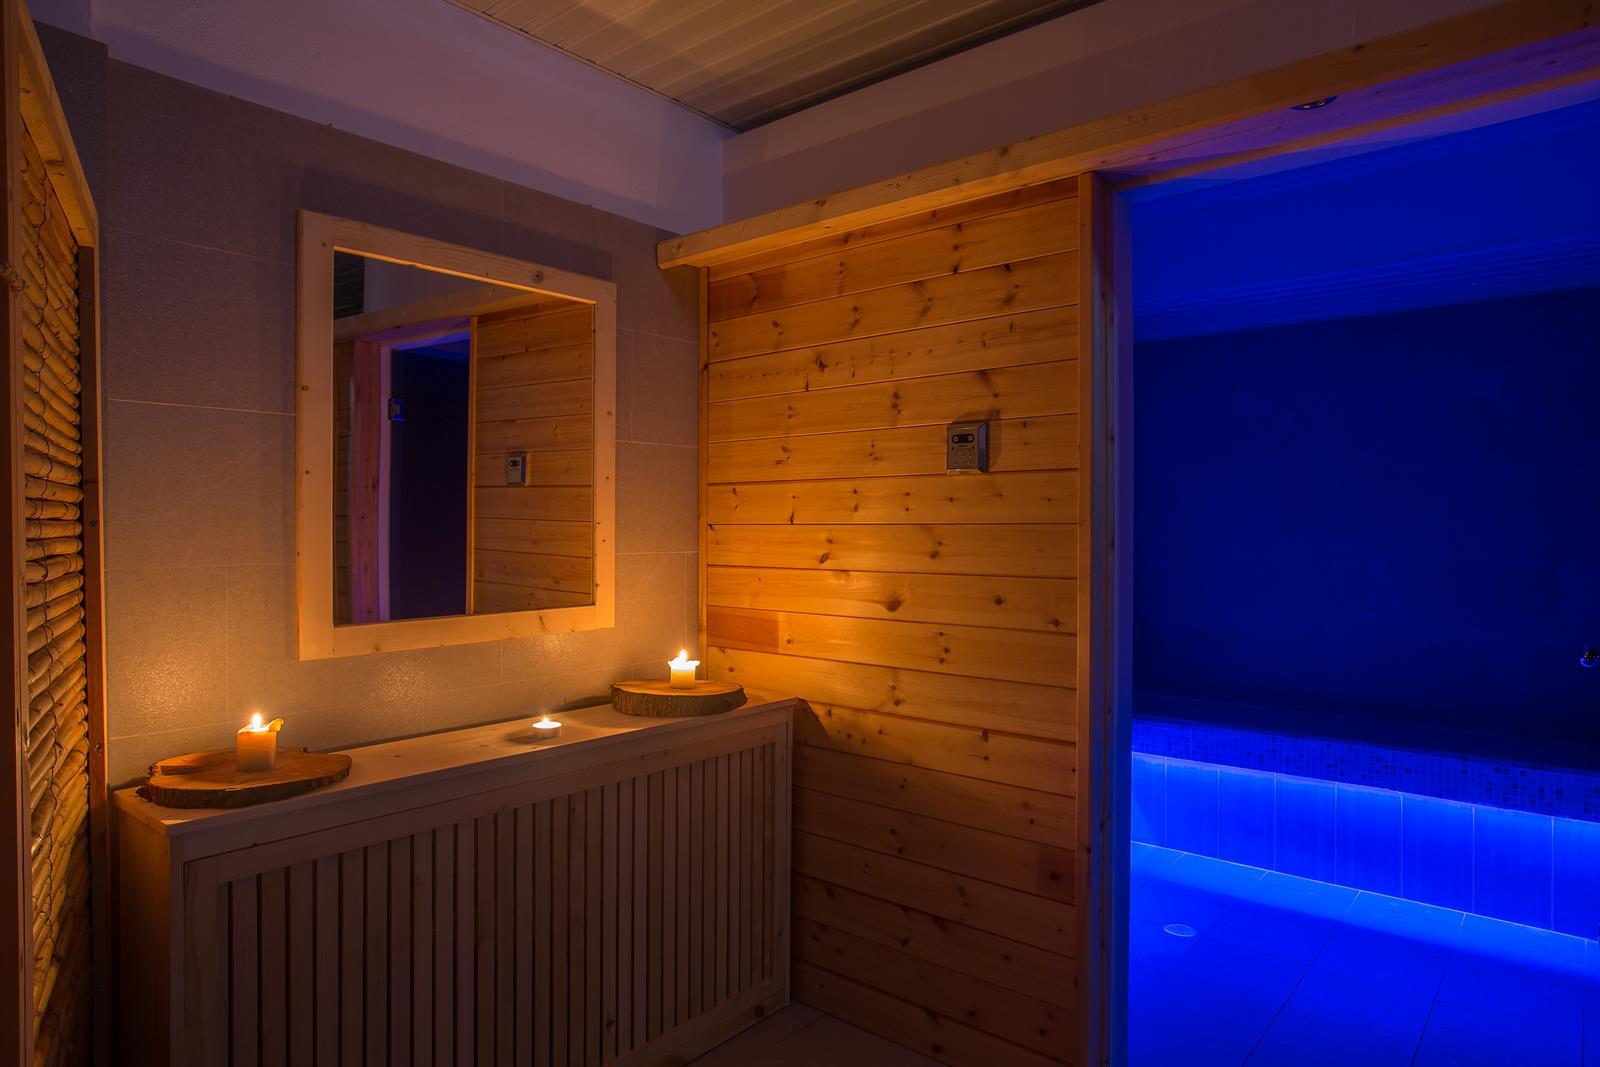 κυπαρισσία ξενοδοχείο με σπα - Natura Club & Spa